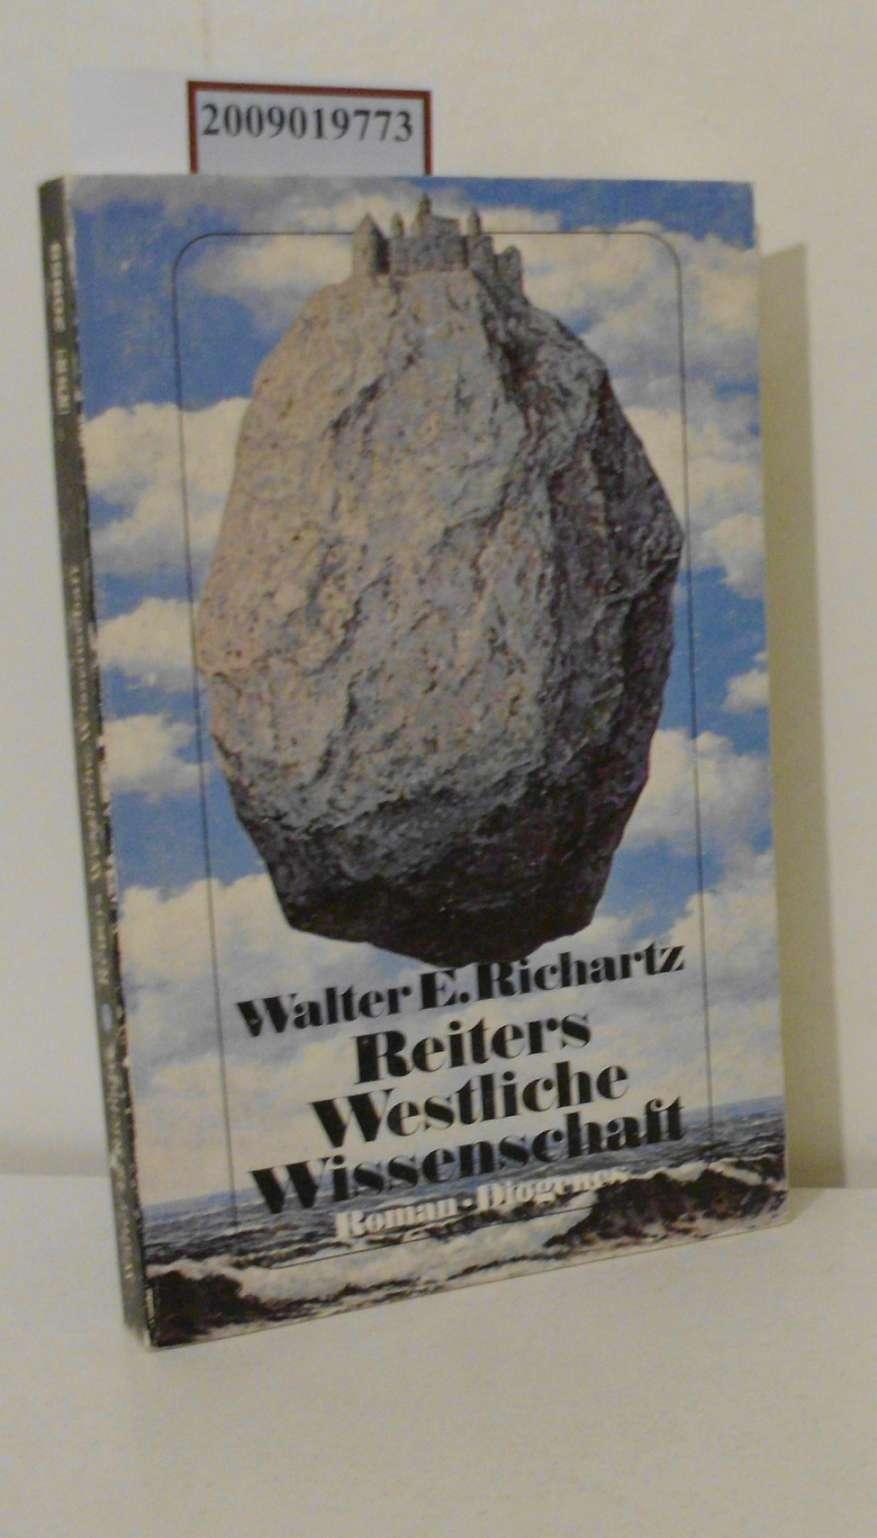 Reiters westliche Wissenschaft